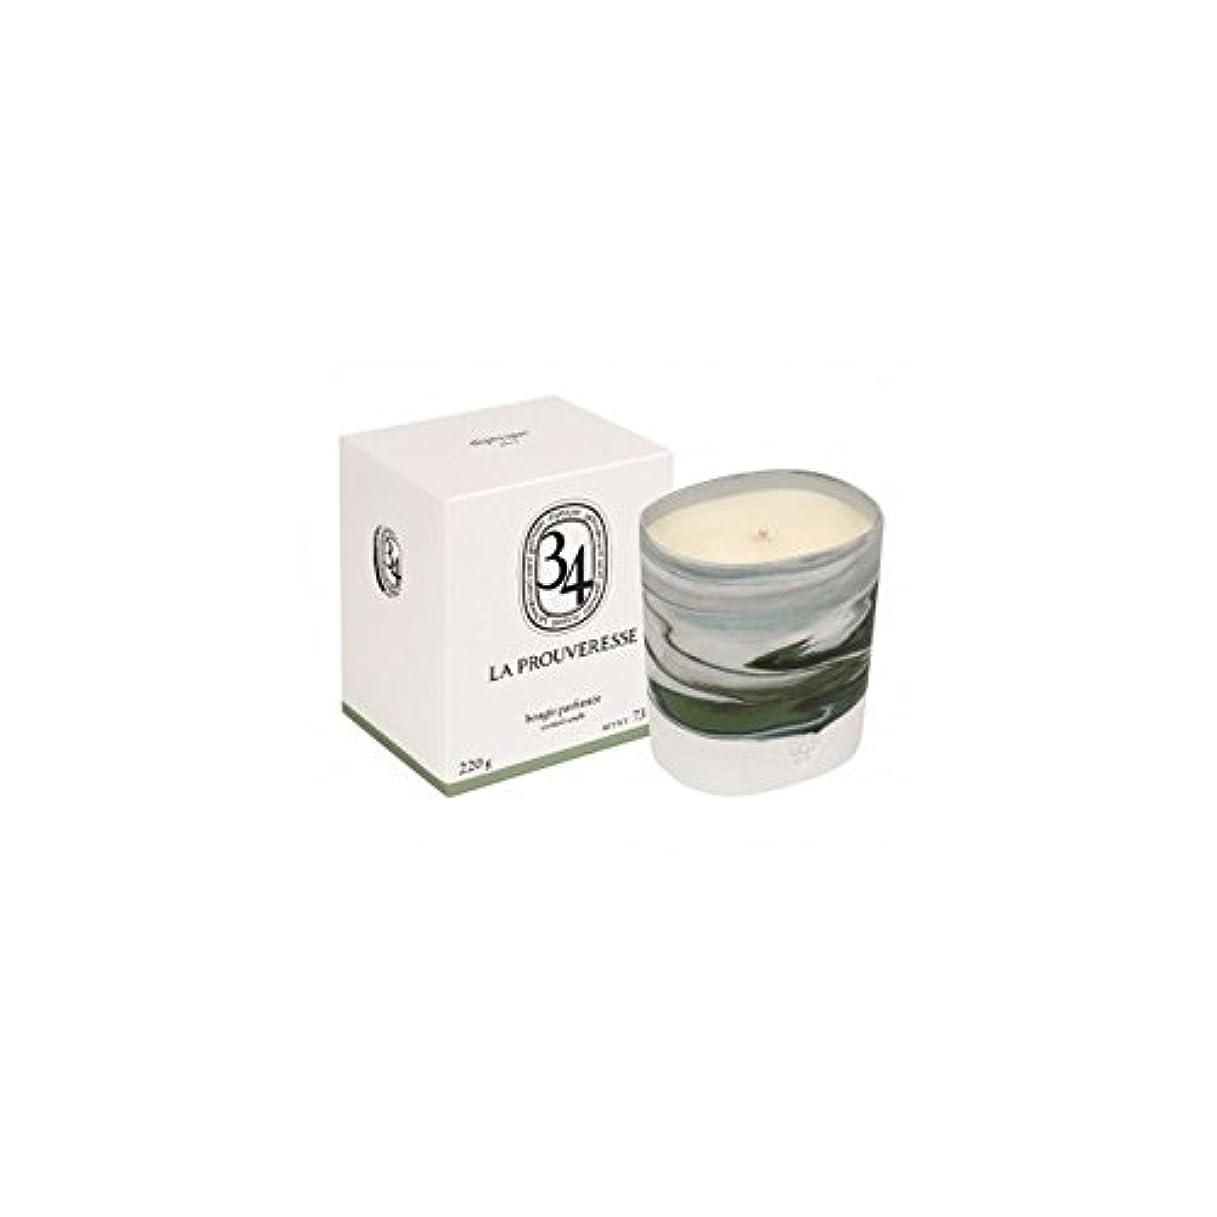 ソフトウェア事故キロメートルDiptyque Collection 34 La Prouveresse Scented Candle 220g (Pack of 2) - ラProuveresse Diptyqueコレクション34香りのキャンドル220...